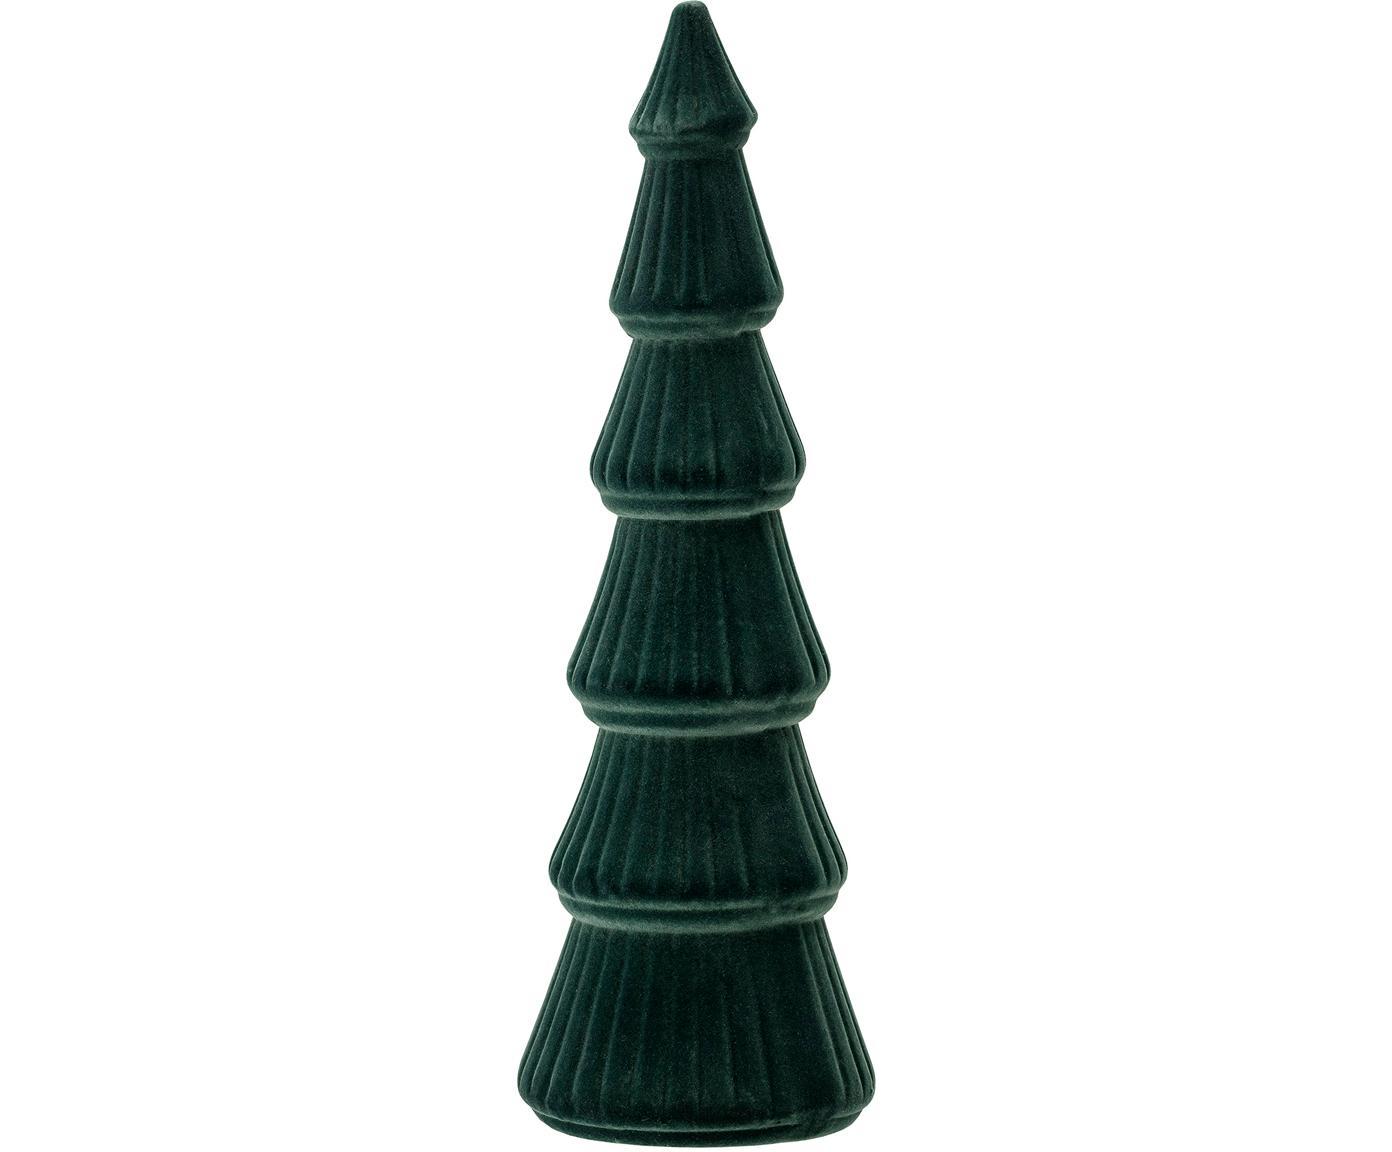 Dekoracja z aksamitu Tree, Płyta pilśniowa średniej gęstości (MDF), aksamit poliestrowy, Siedzisko: zielony Nogi: drewno dębowe, Ø 10 x W 34 cm